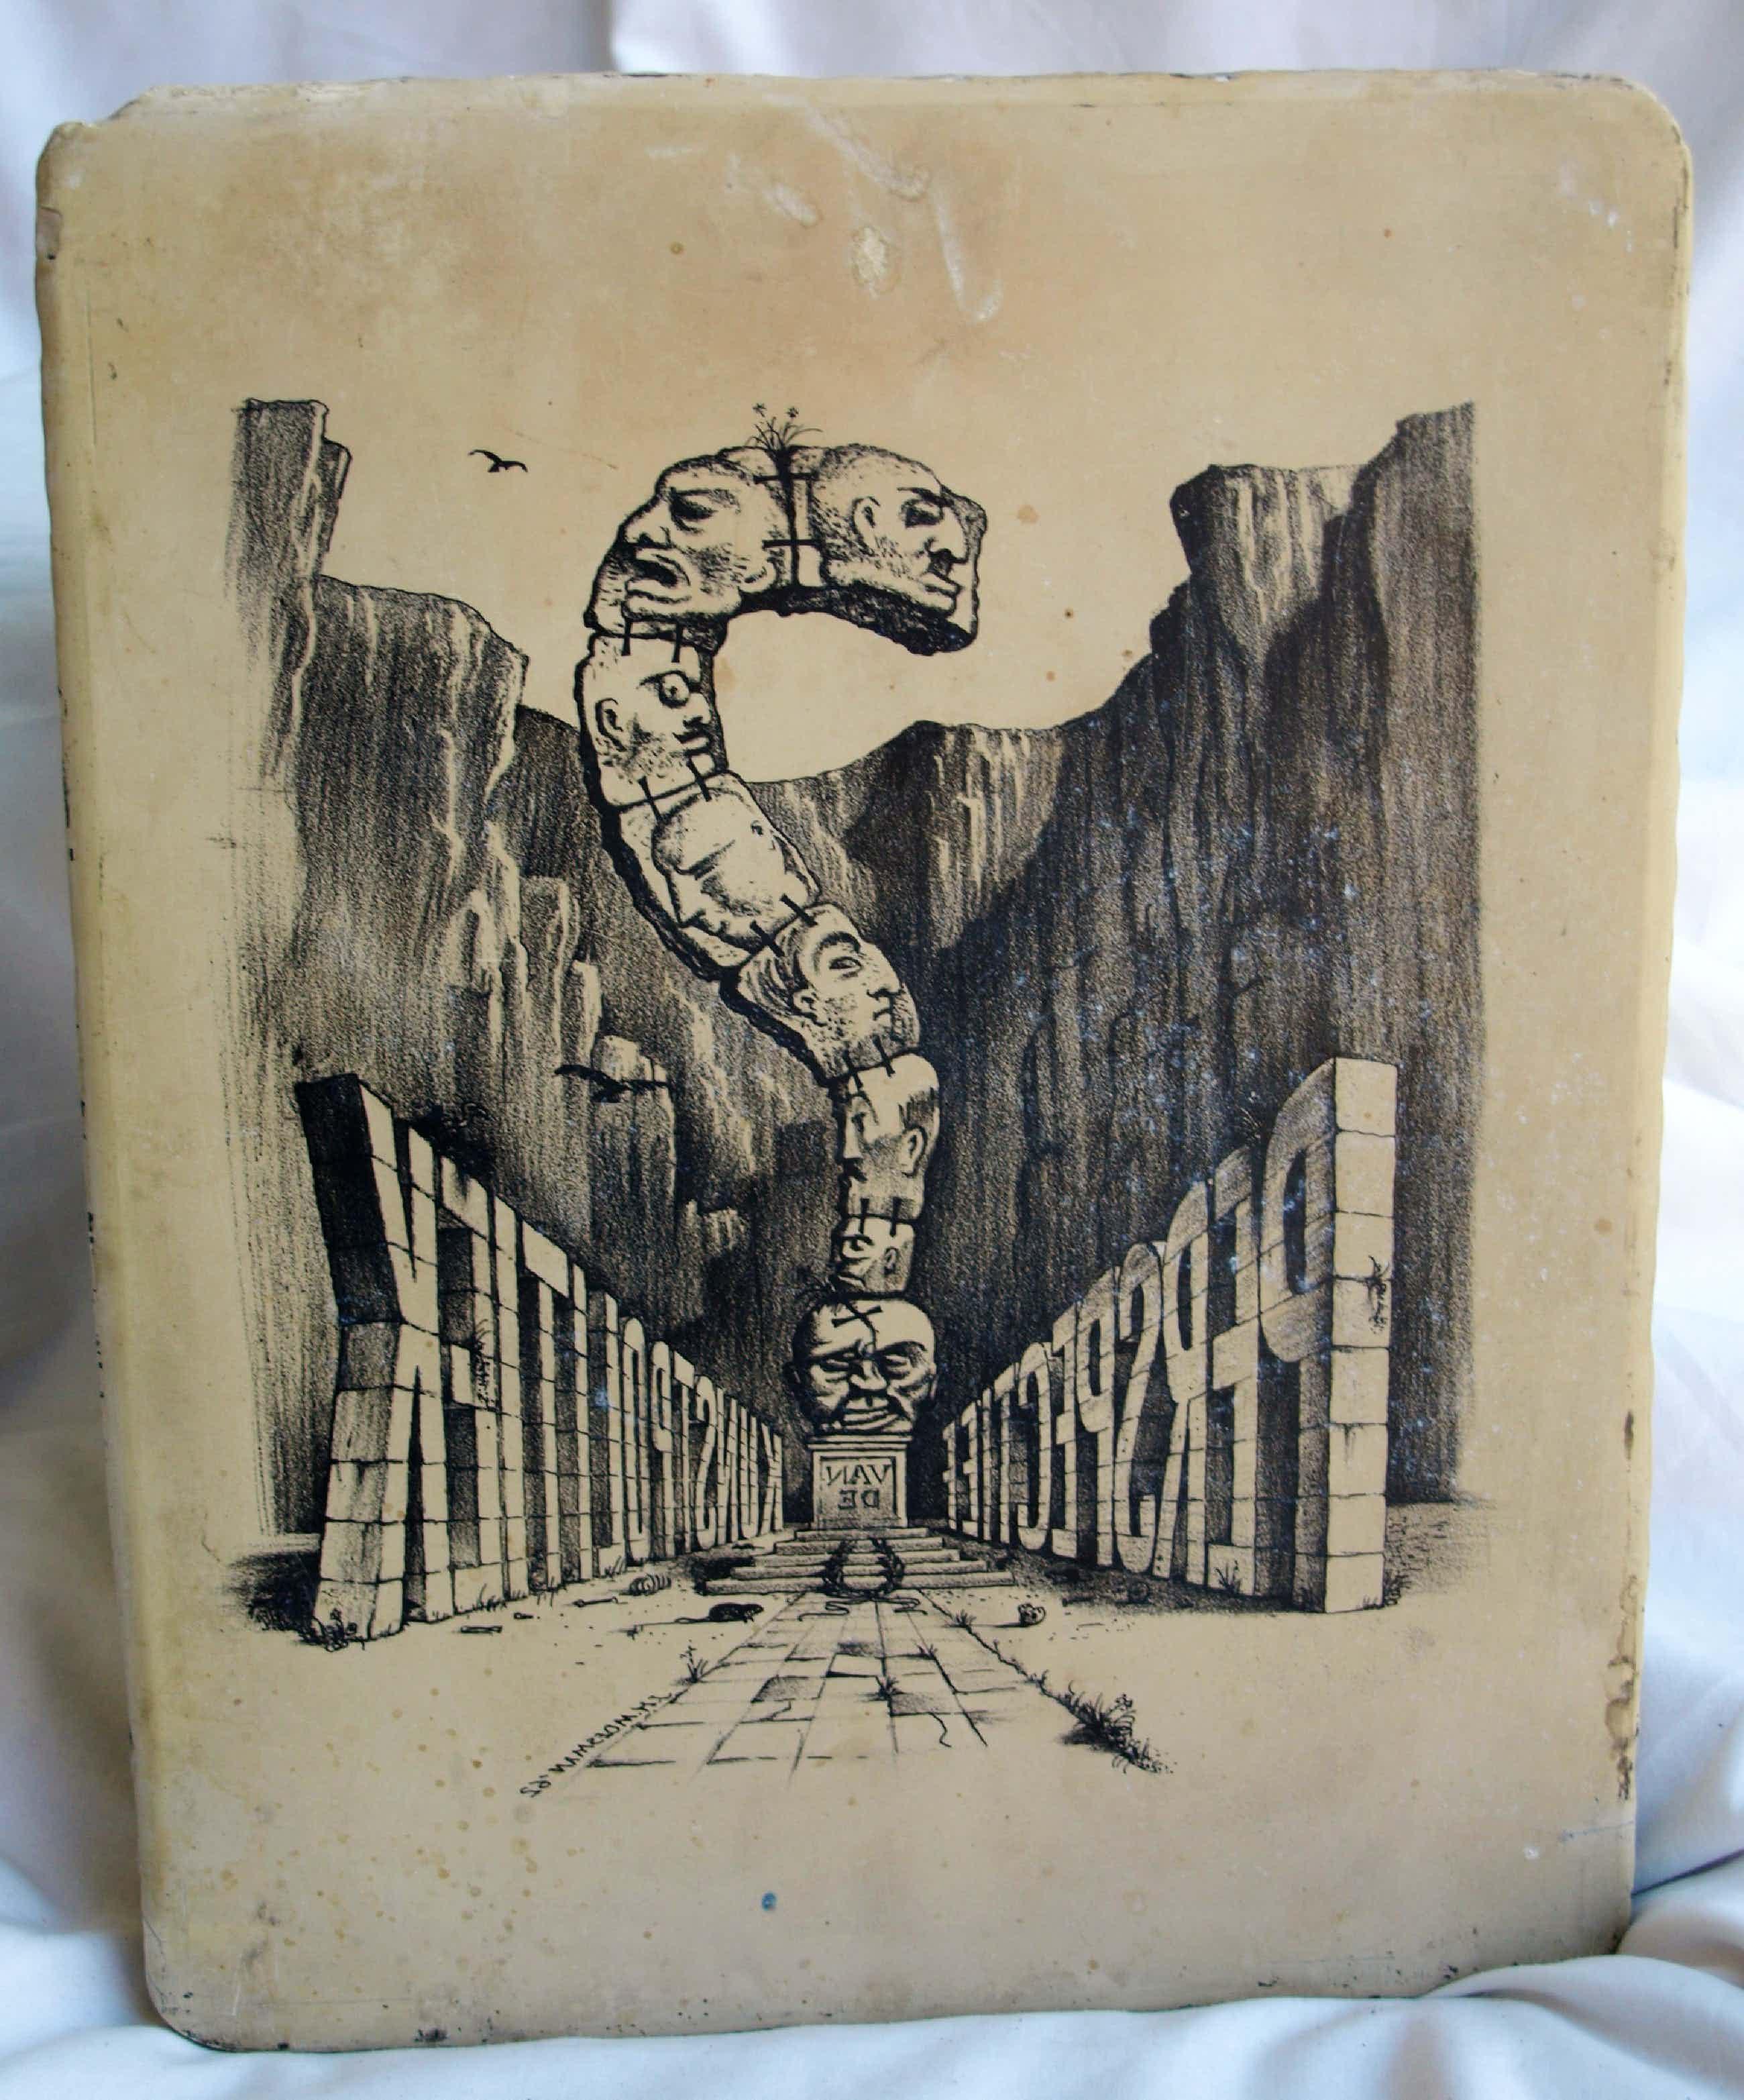 """Joop Moesman - Unieke lithosteen """"Perspectief van de kunstpolitiek"""" + 2 boeken - 1962 kopen? Bied vanaf 2500!"""